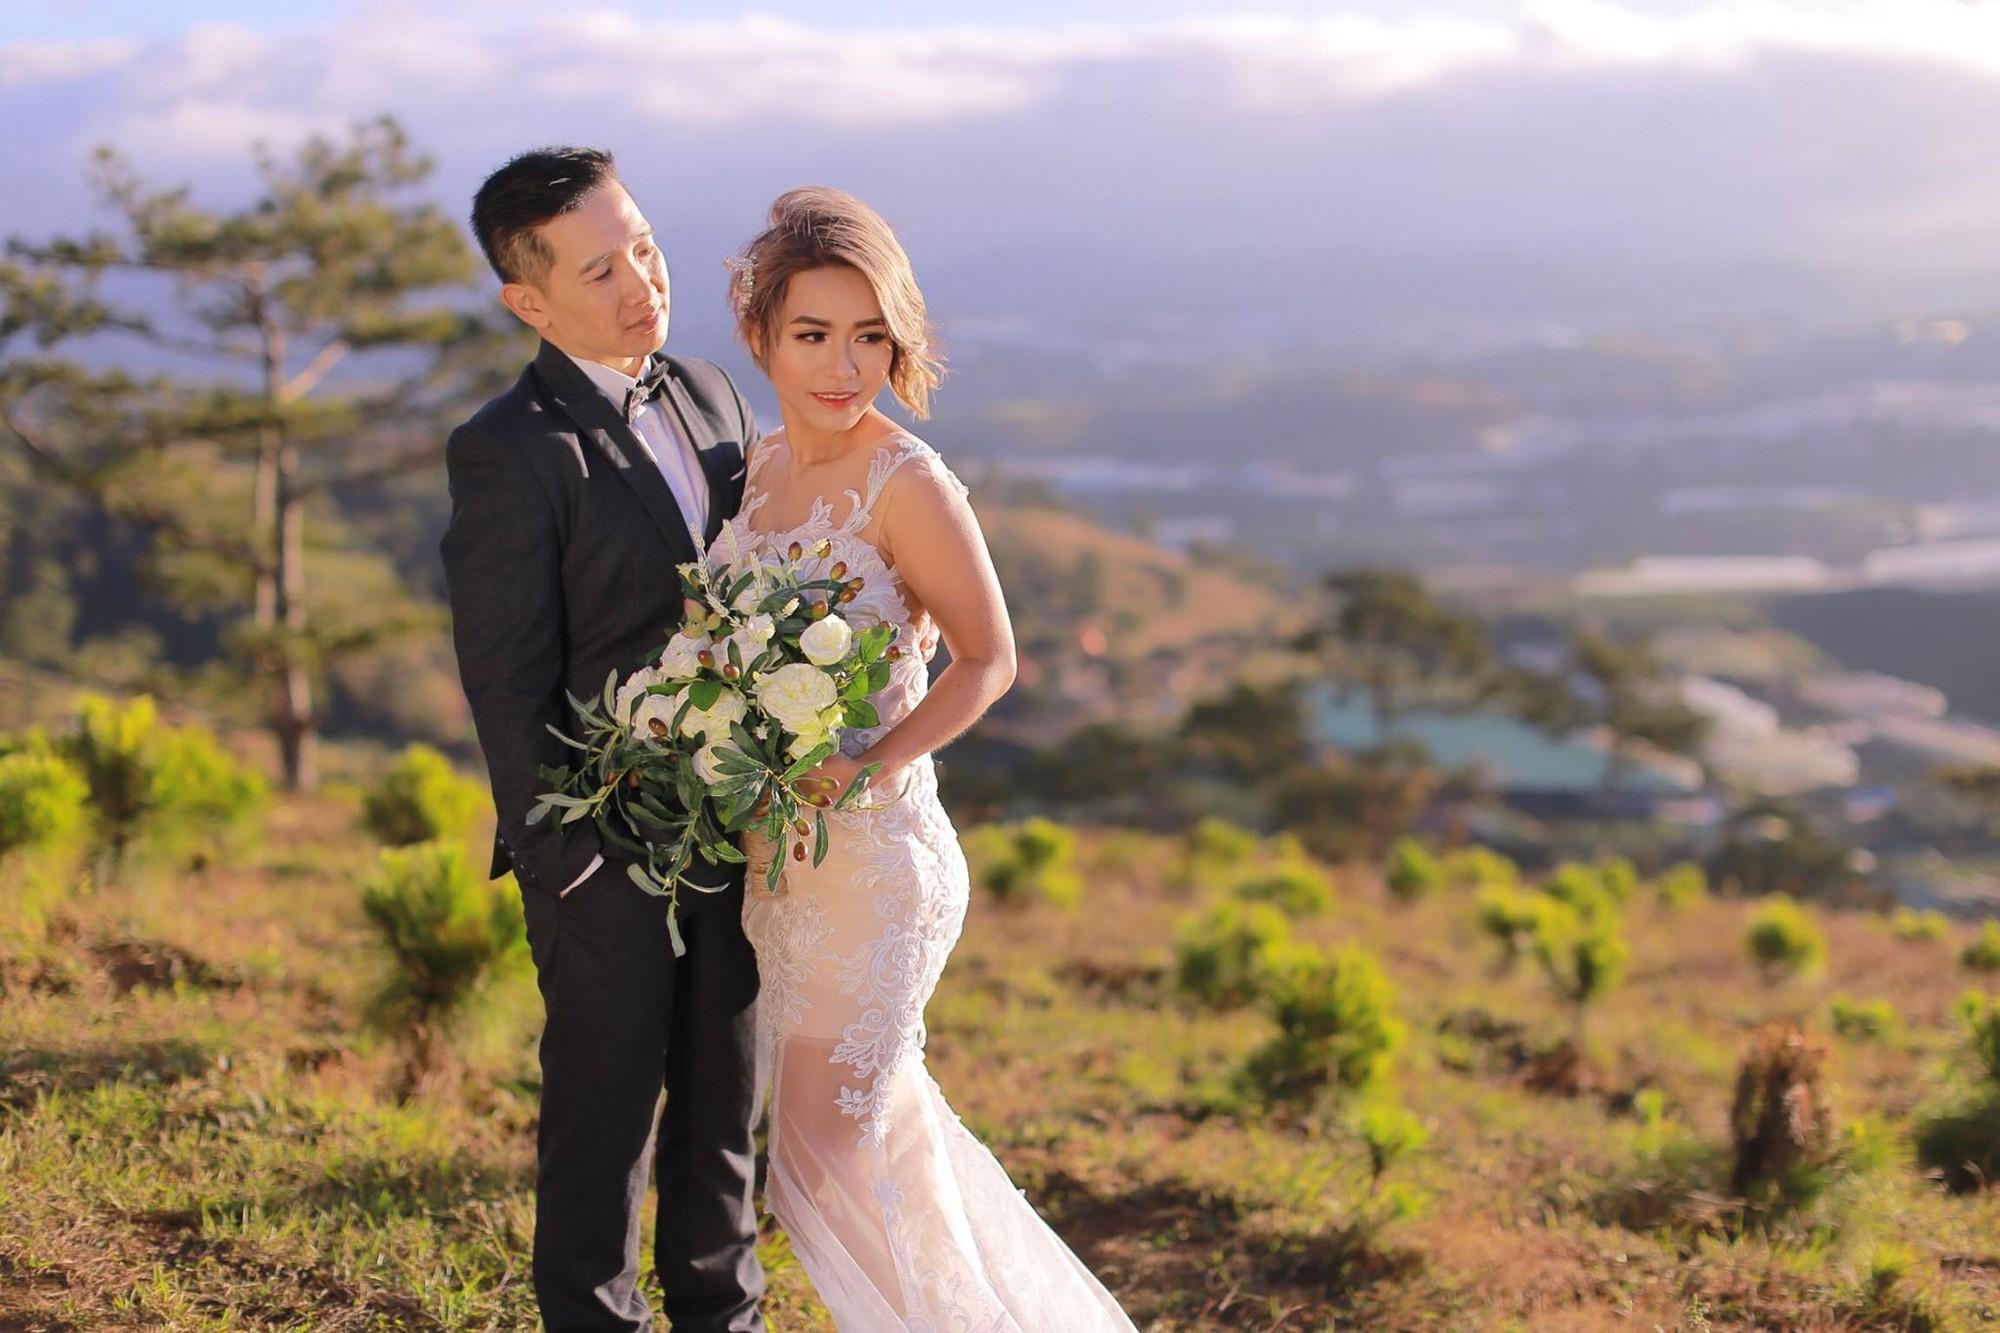 Cô dâu chụp ảnh cưới chú rể nhìn bảo: Em là ai, anh không